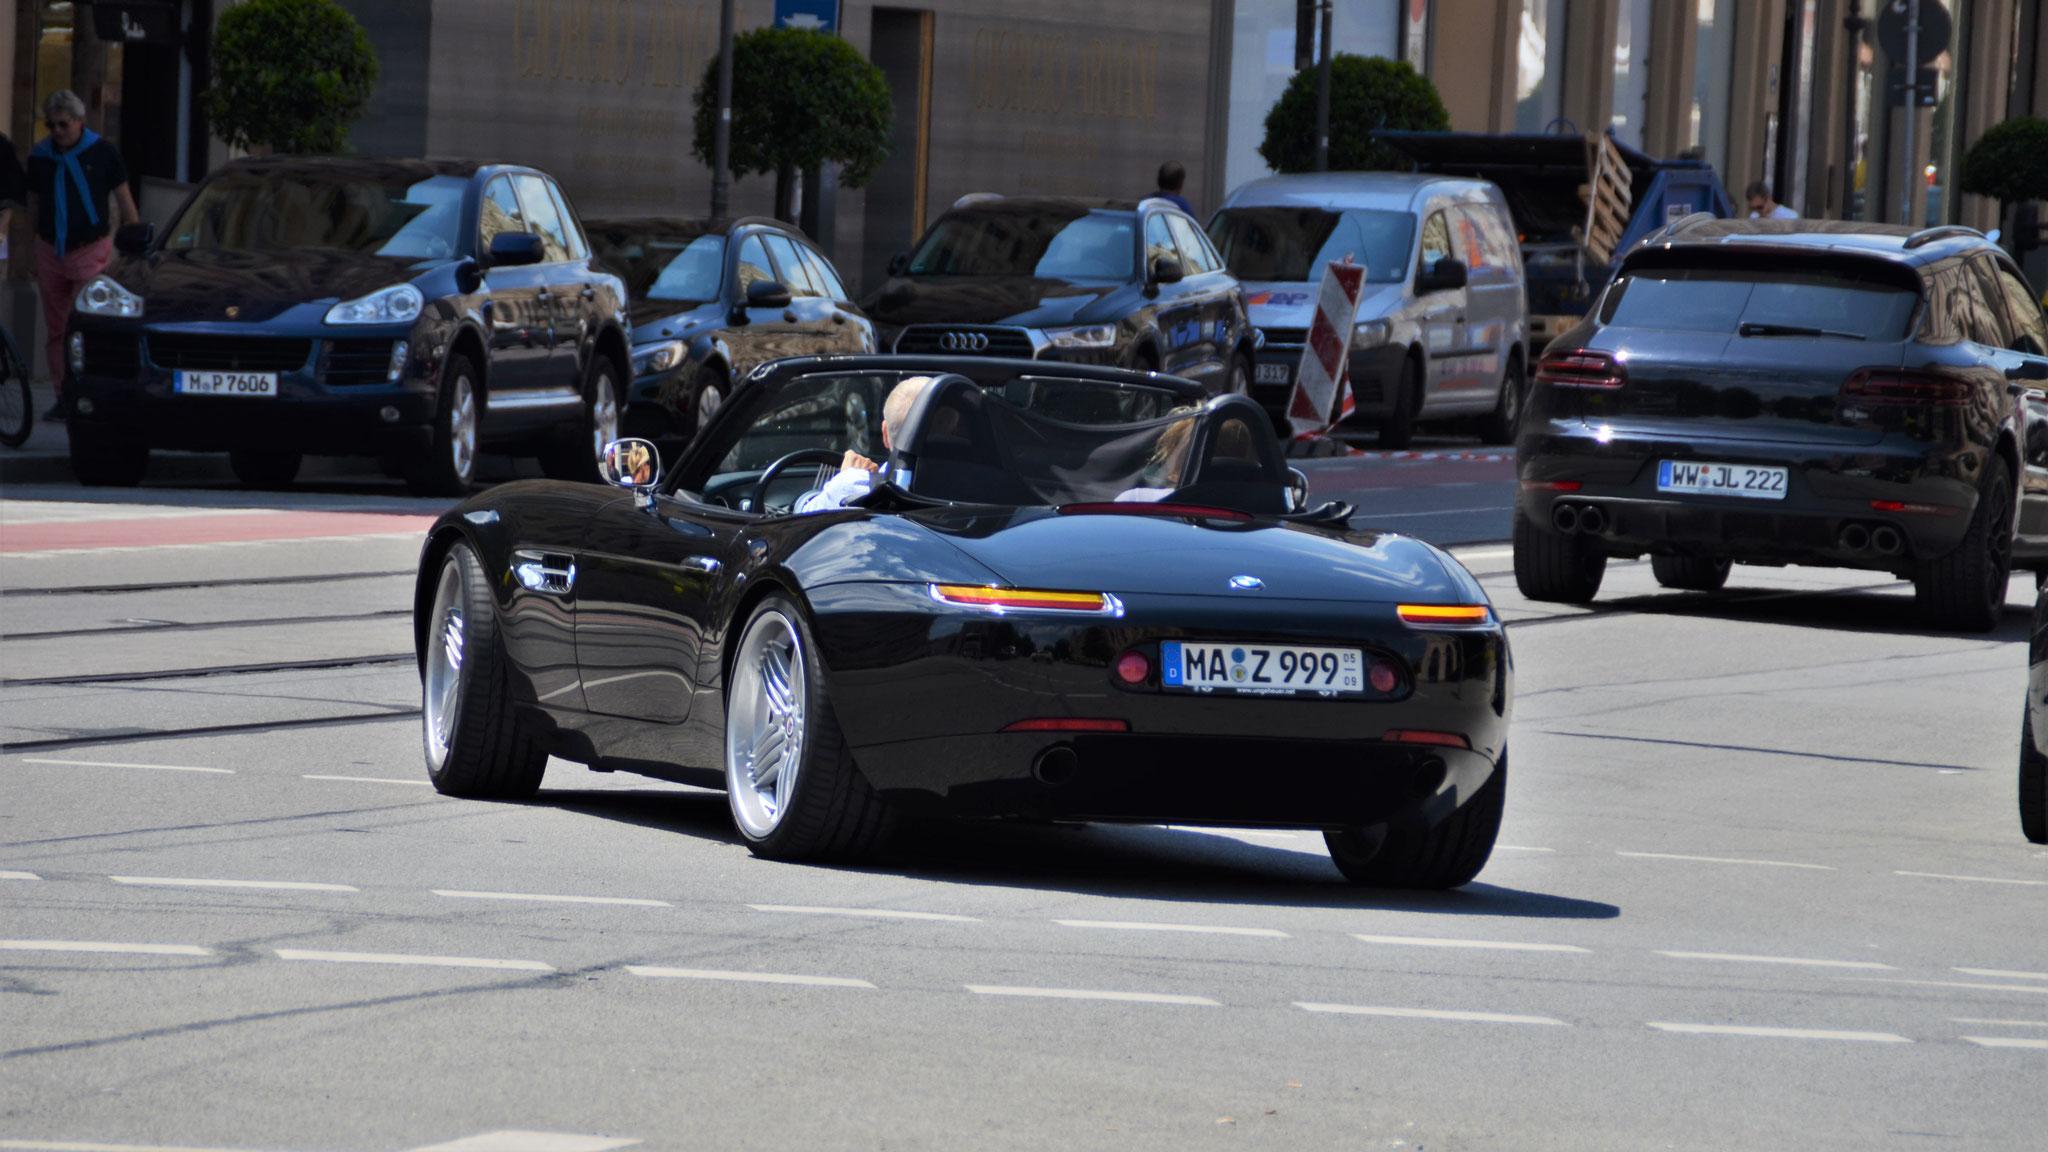 BMW Z8 - MA-Z-999